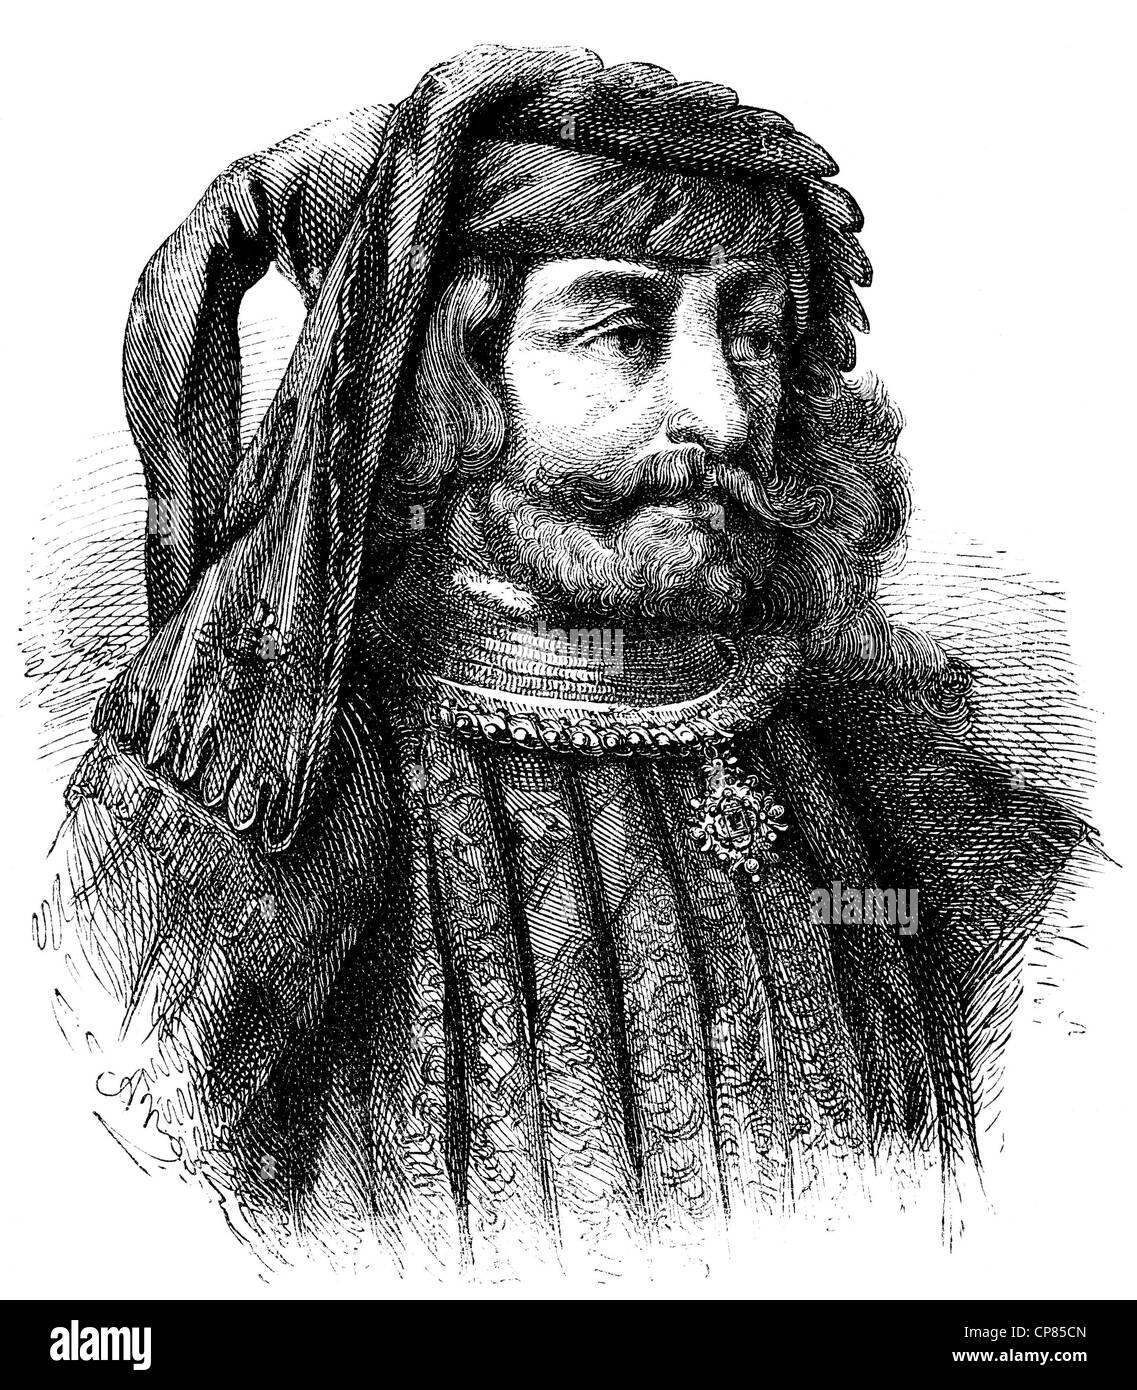 John IV of Brabant, 1403 - 1427, Duke of Brabant and Limburg and Lothier Count of Hainaut, Holland and Zealand, - Stock Image